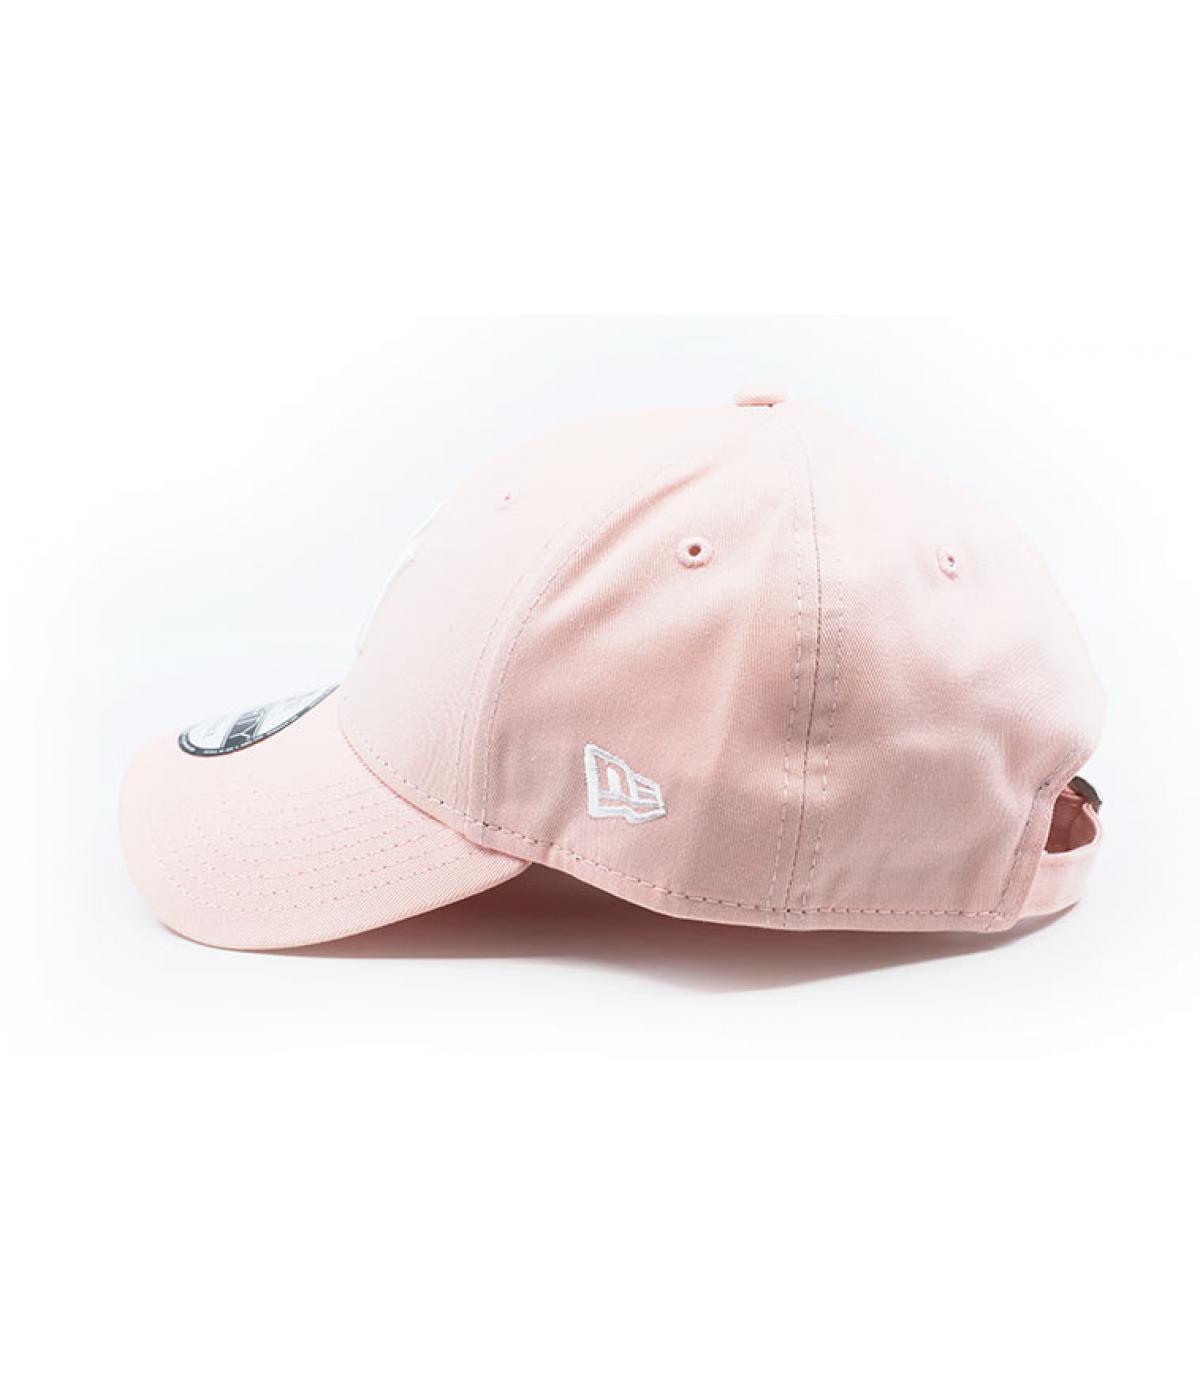 Détails Casquette League Ess 9Forty NY pink lemonade - image 4